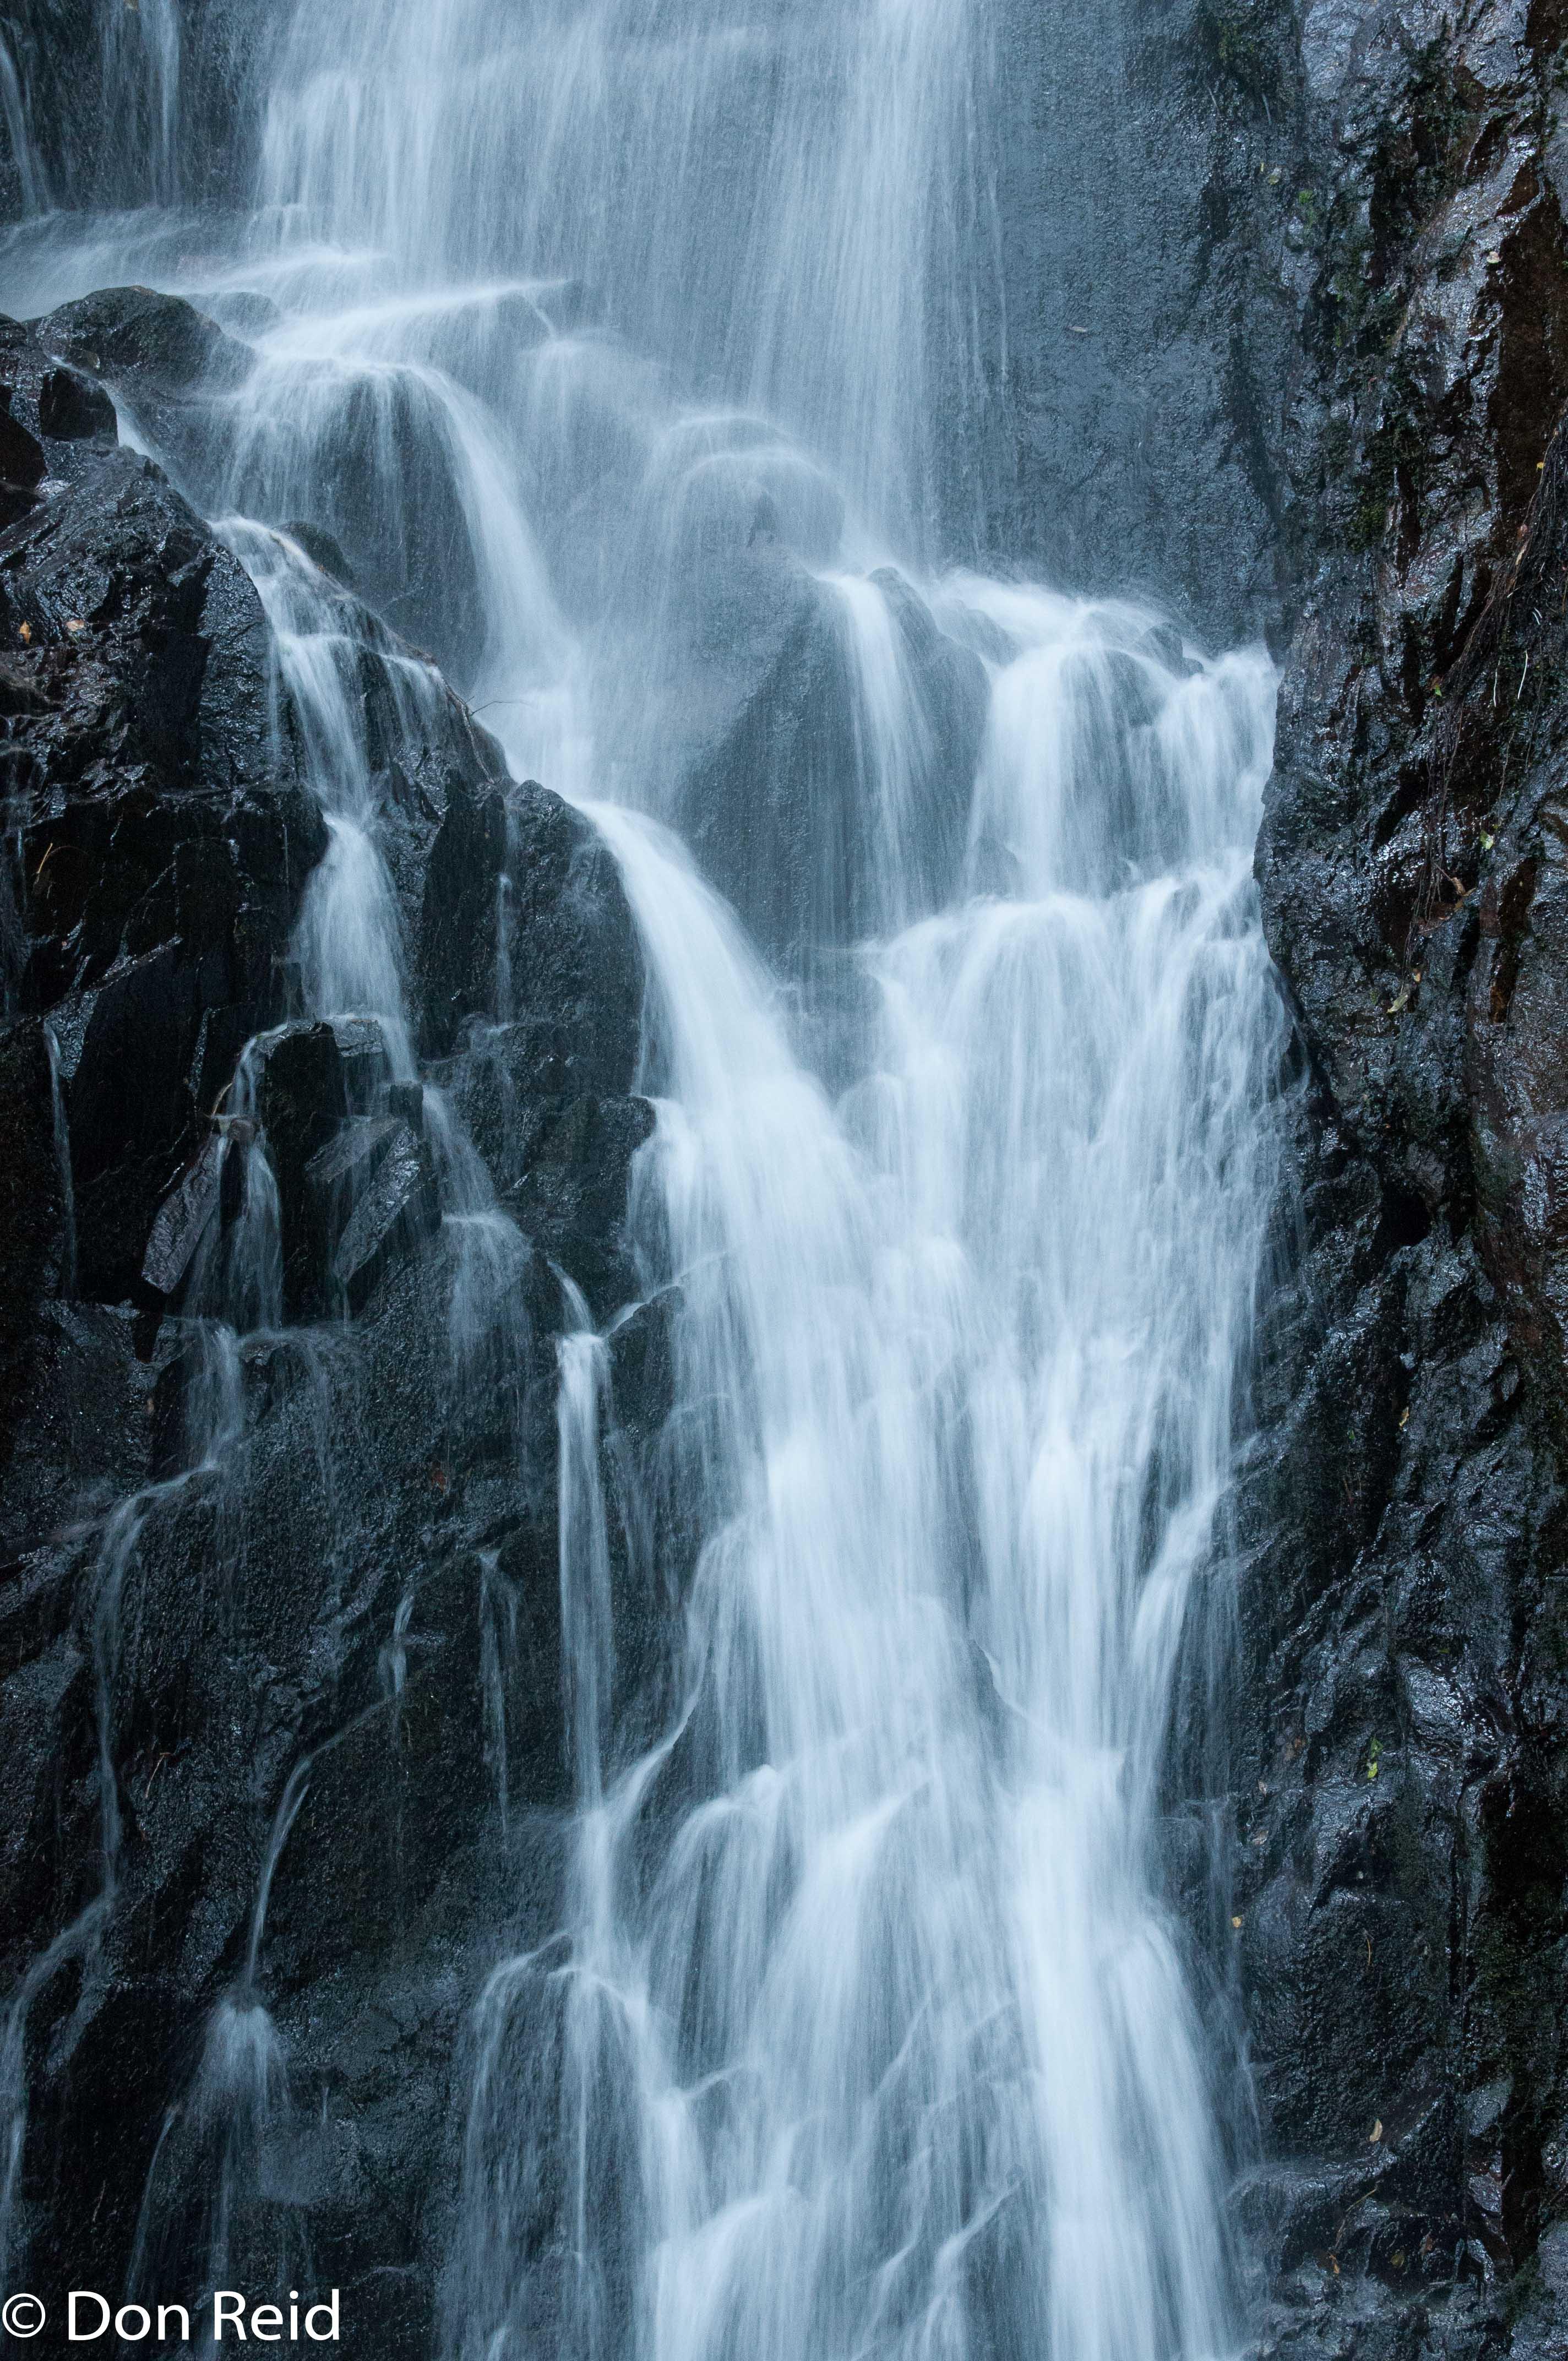 Waterfall, Verlorenkloof